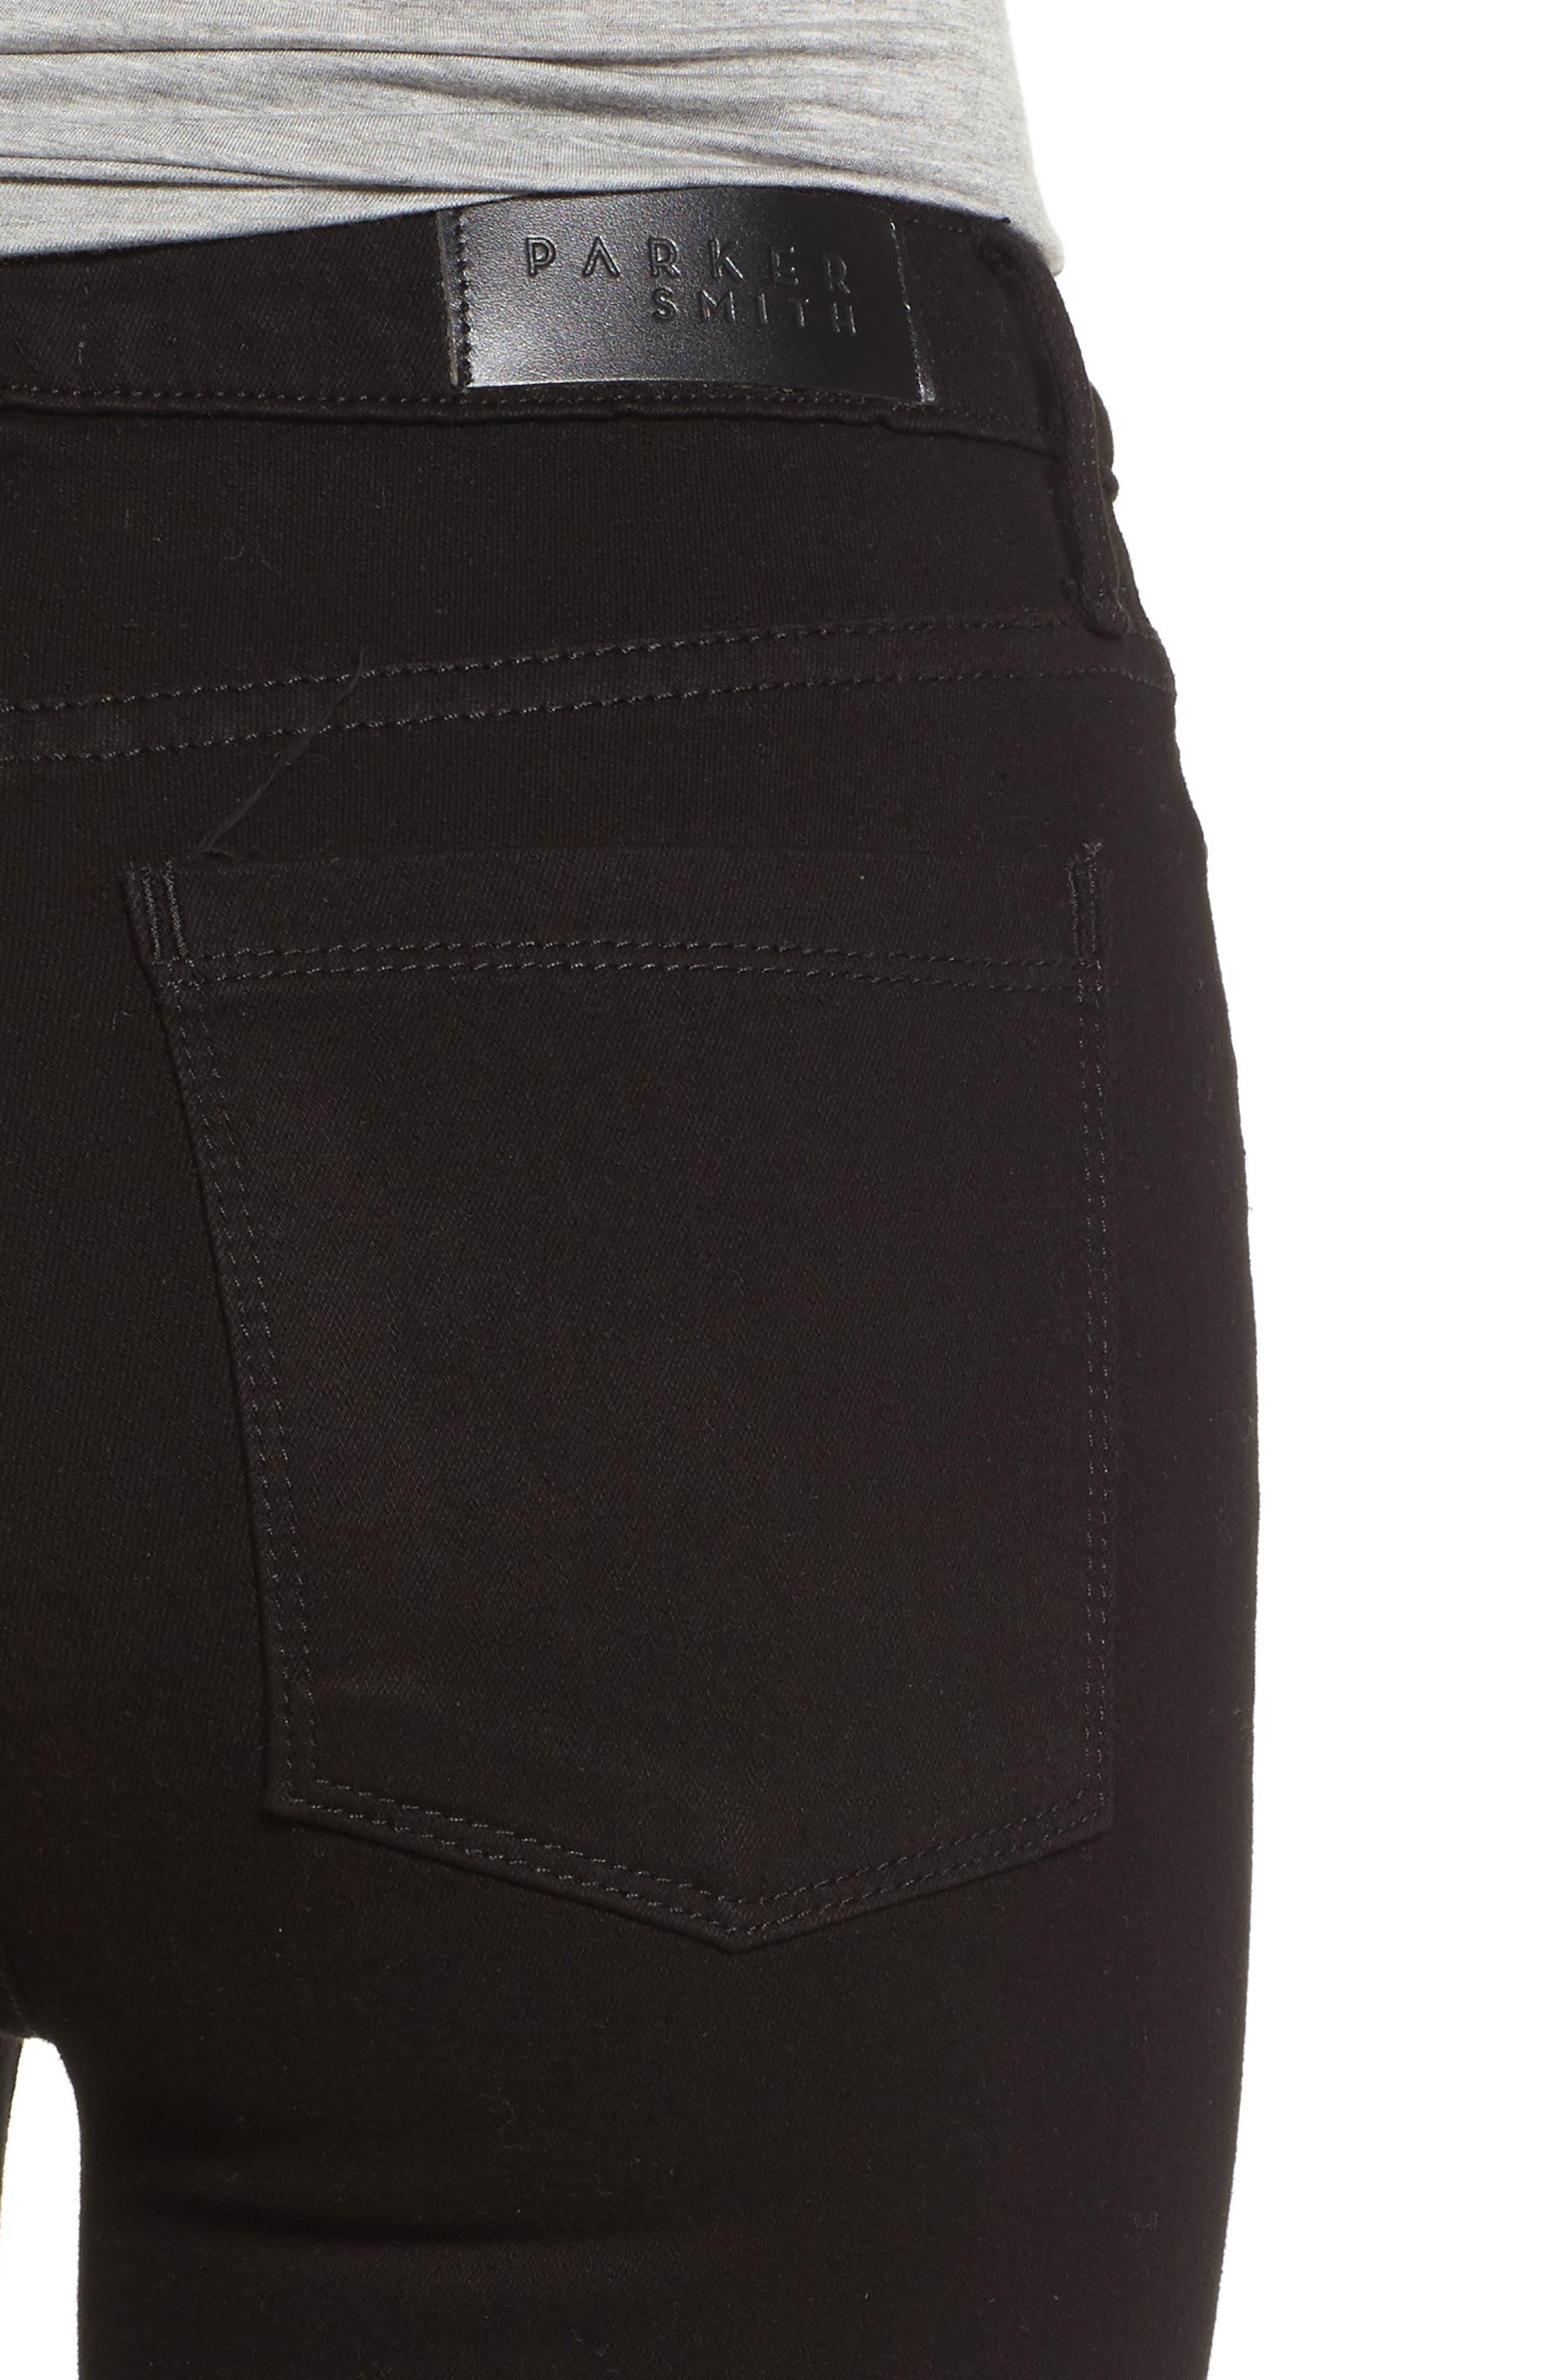 Bombshell Skinny Jeans,                             Alternate thumbnail 4, color,                             001